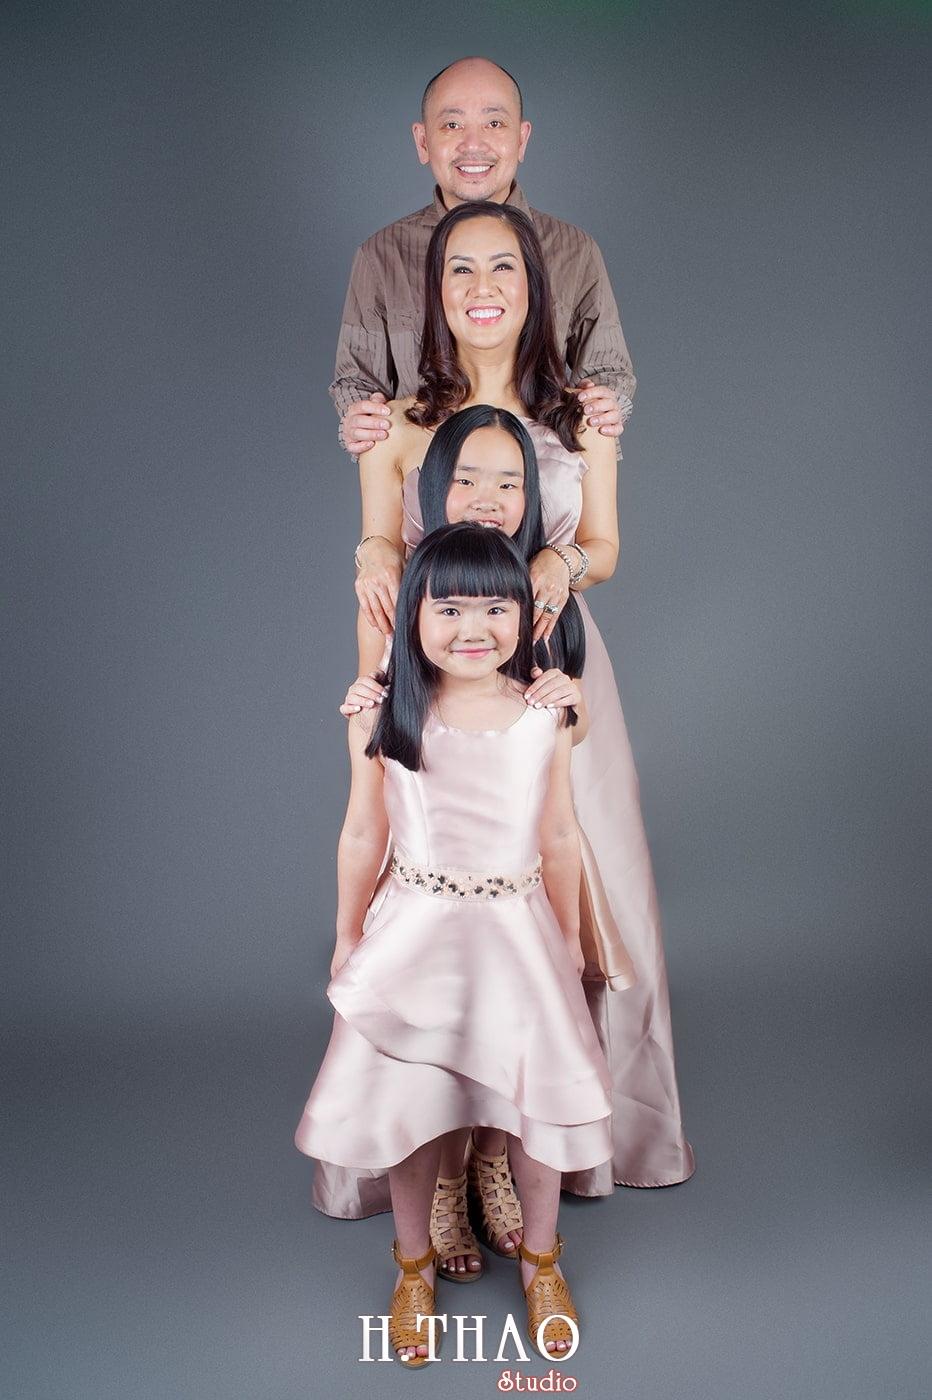 hình chụp gia đình trong studio đẹp